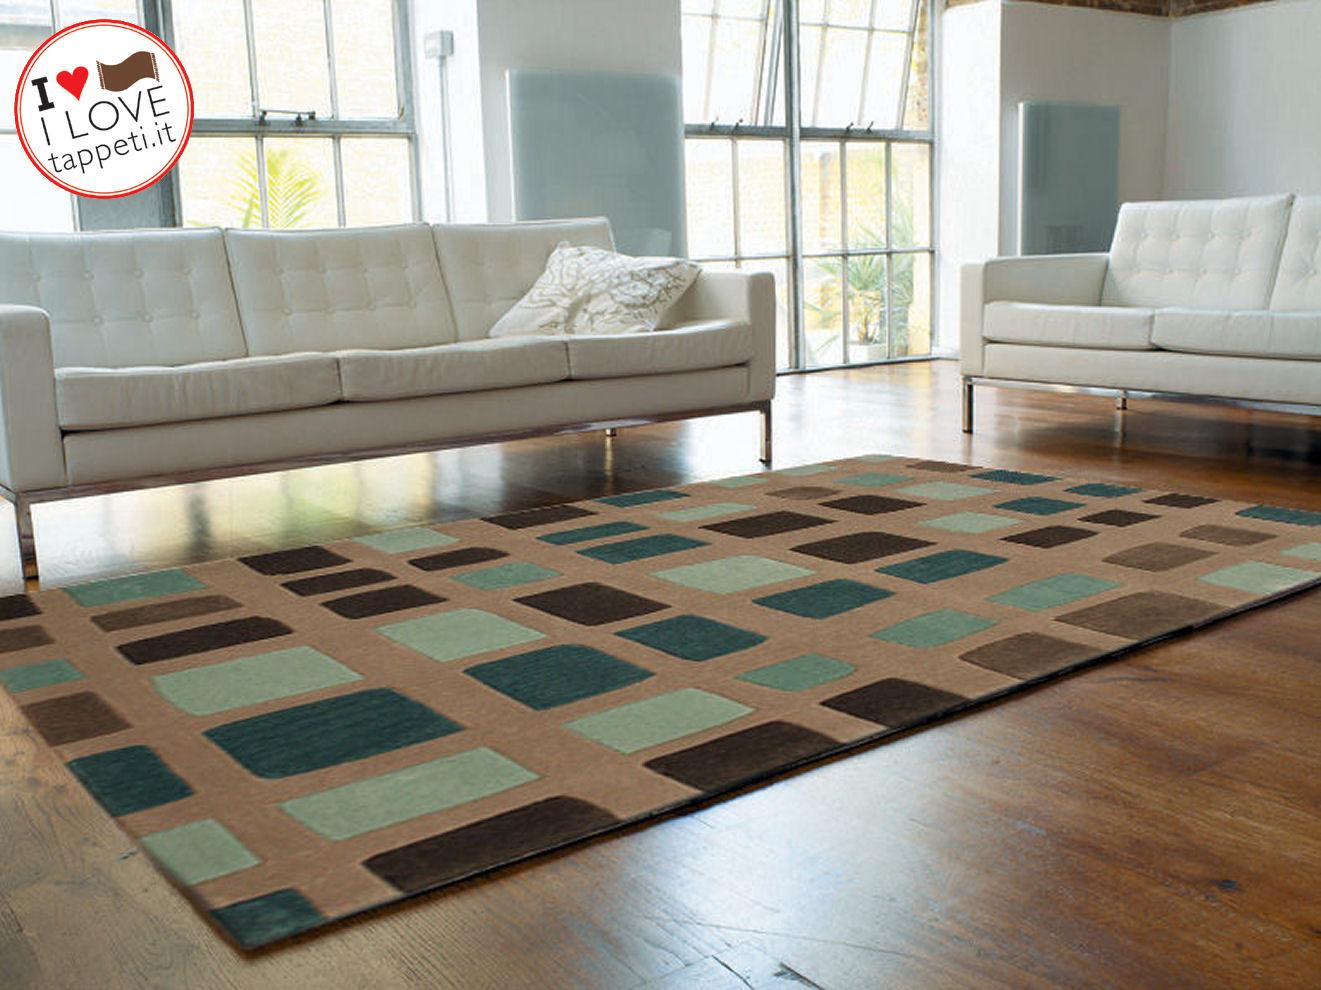 Qualche anteprima sui tappeti moderni 2013 il blog dei tappeti - Tappeti cameretta ikea ...